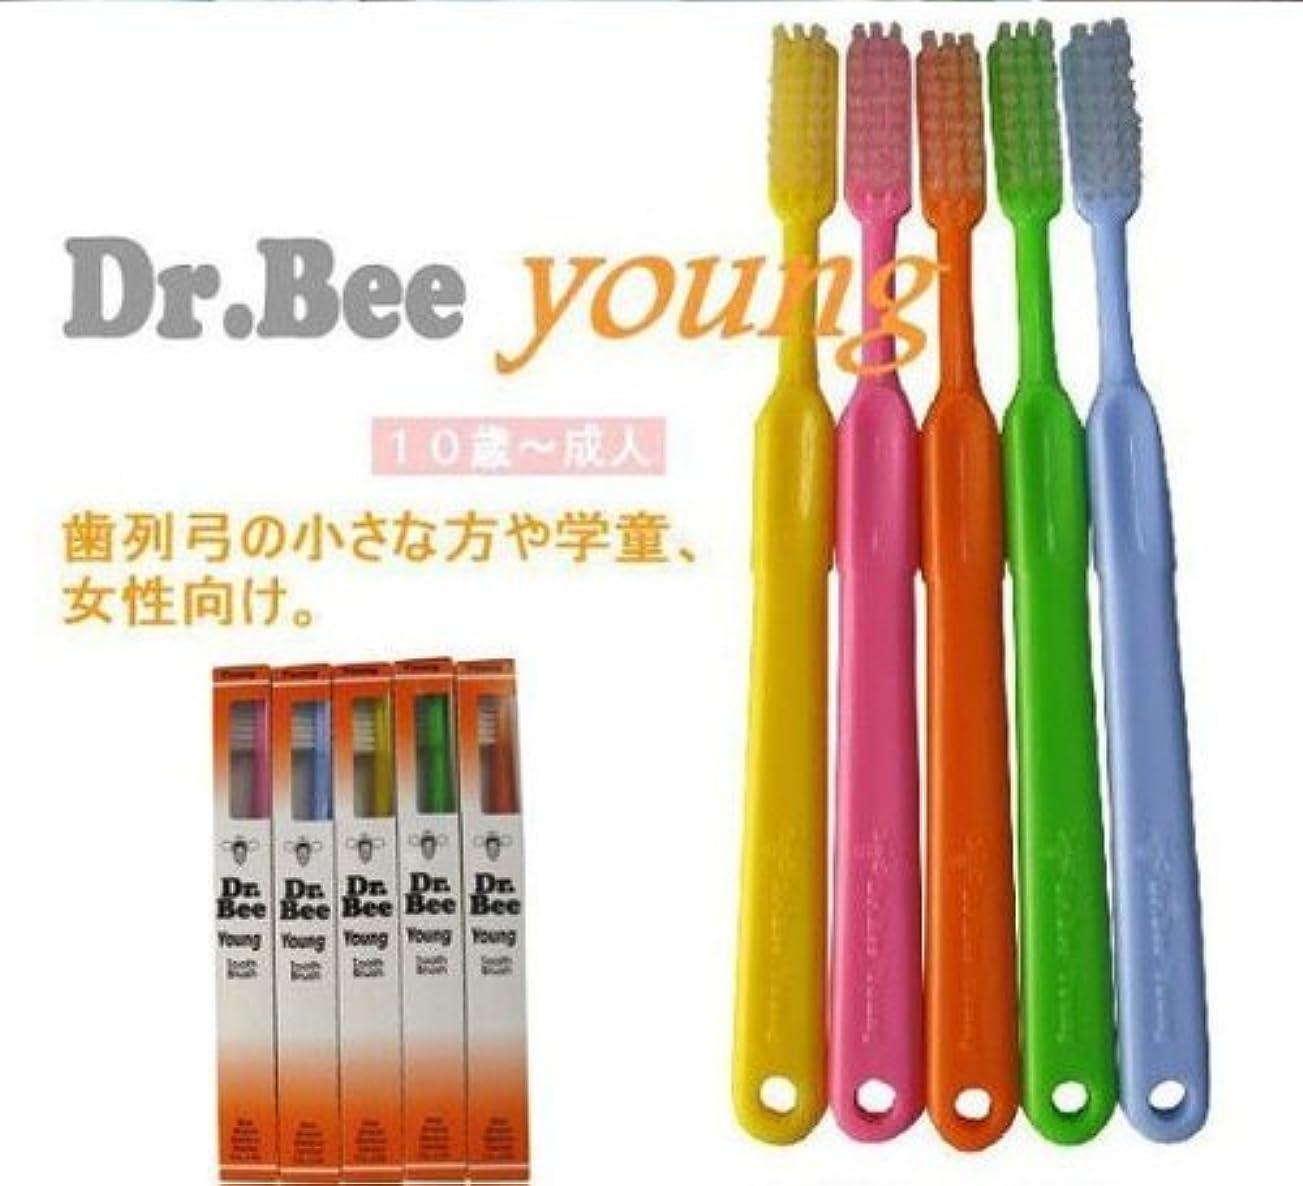 集める傑出した不安BeeBrand Dr.BEE 歯ブラシヤング かため